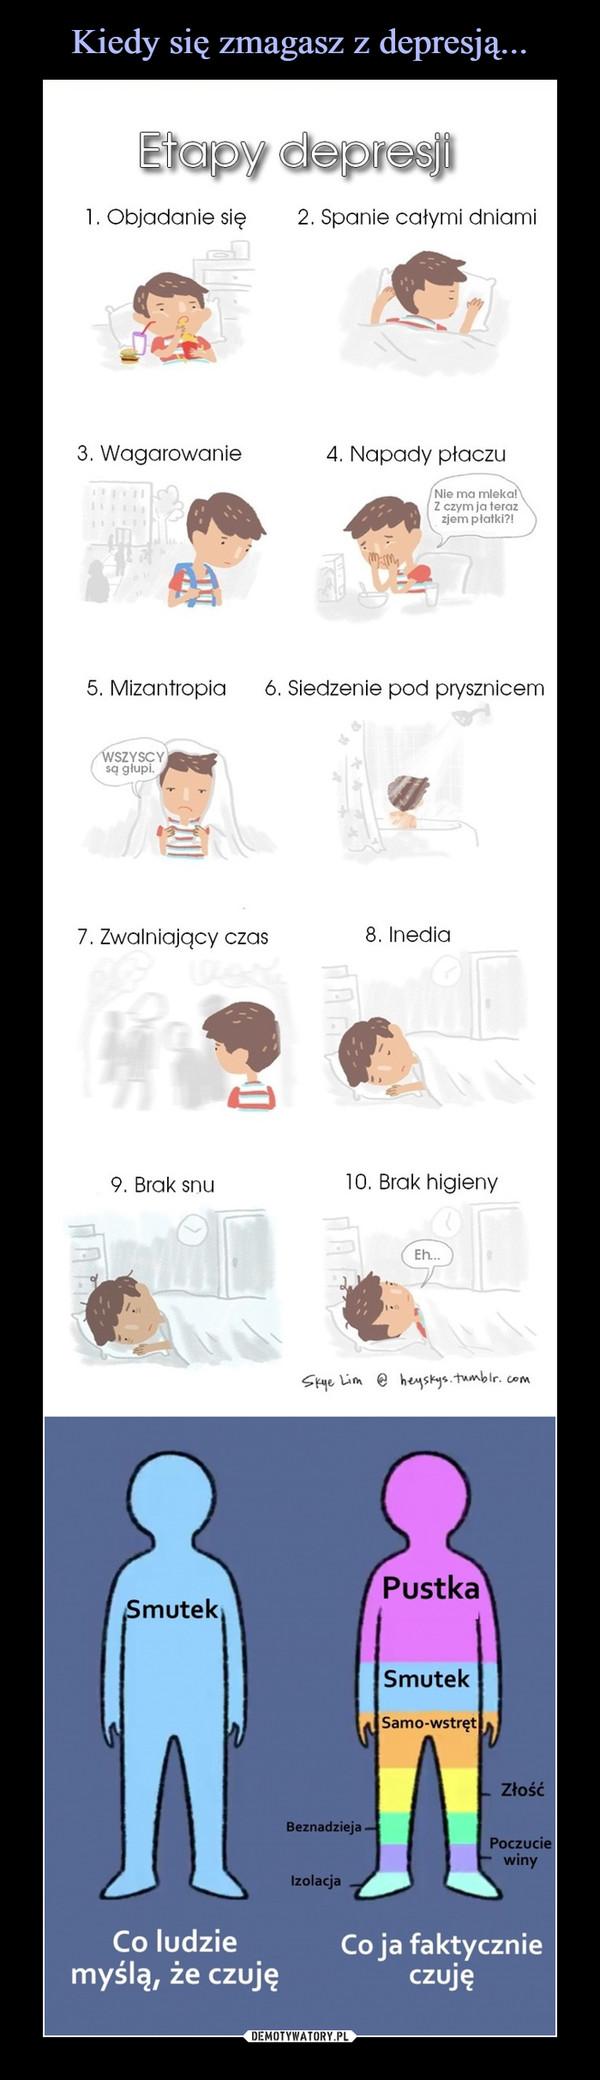 –  Etapy depresji:1. Objadanie się 2. Spanie całymi dniami3. Wagarowanie4.Napadypłaczu5. Mizantropia 6. Siedzenie pod prysznicem7. Zwalniający czas8. Inedia9. Brak snu10.BrakhigienyCo ludzieCojafaktyczniemyślą, że czujęczuję